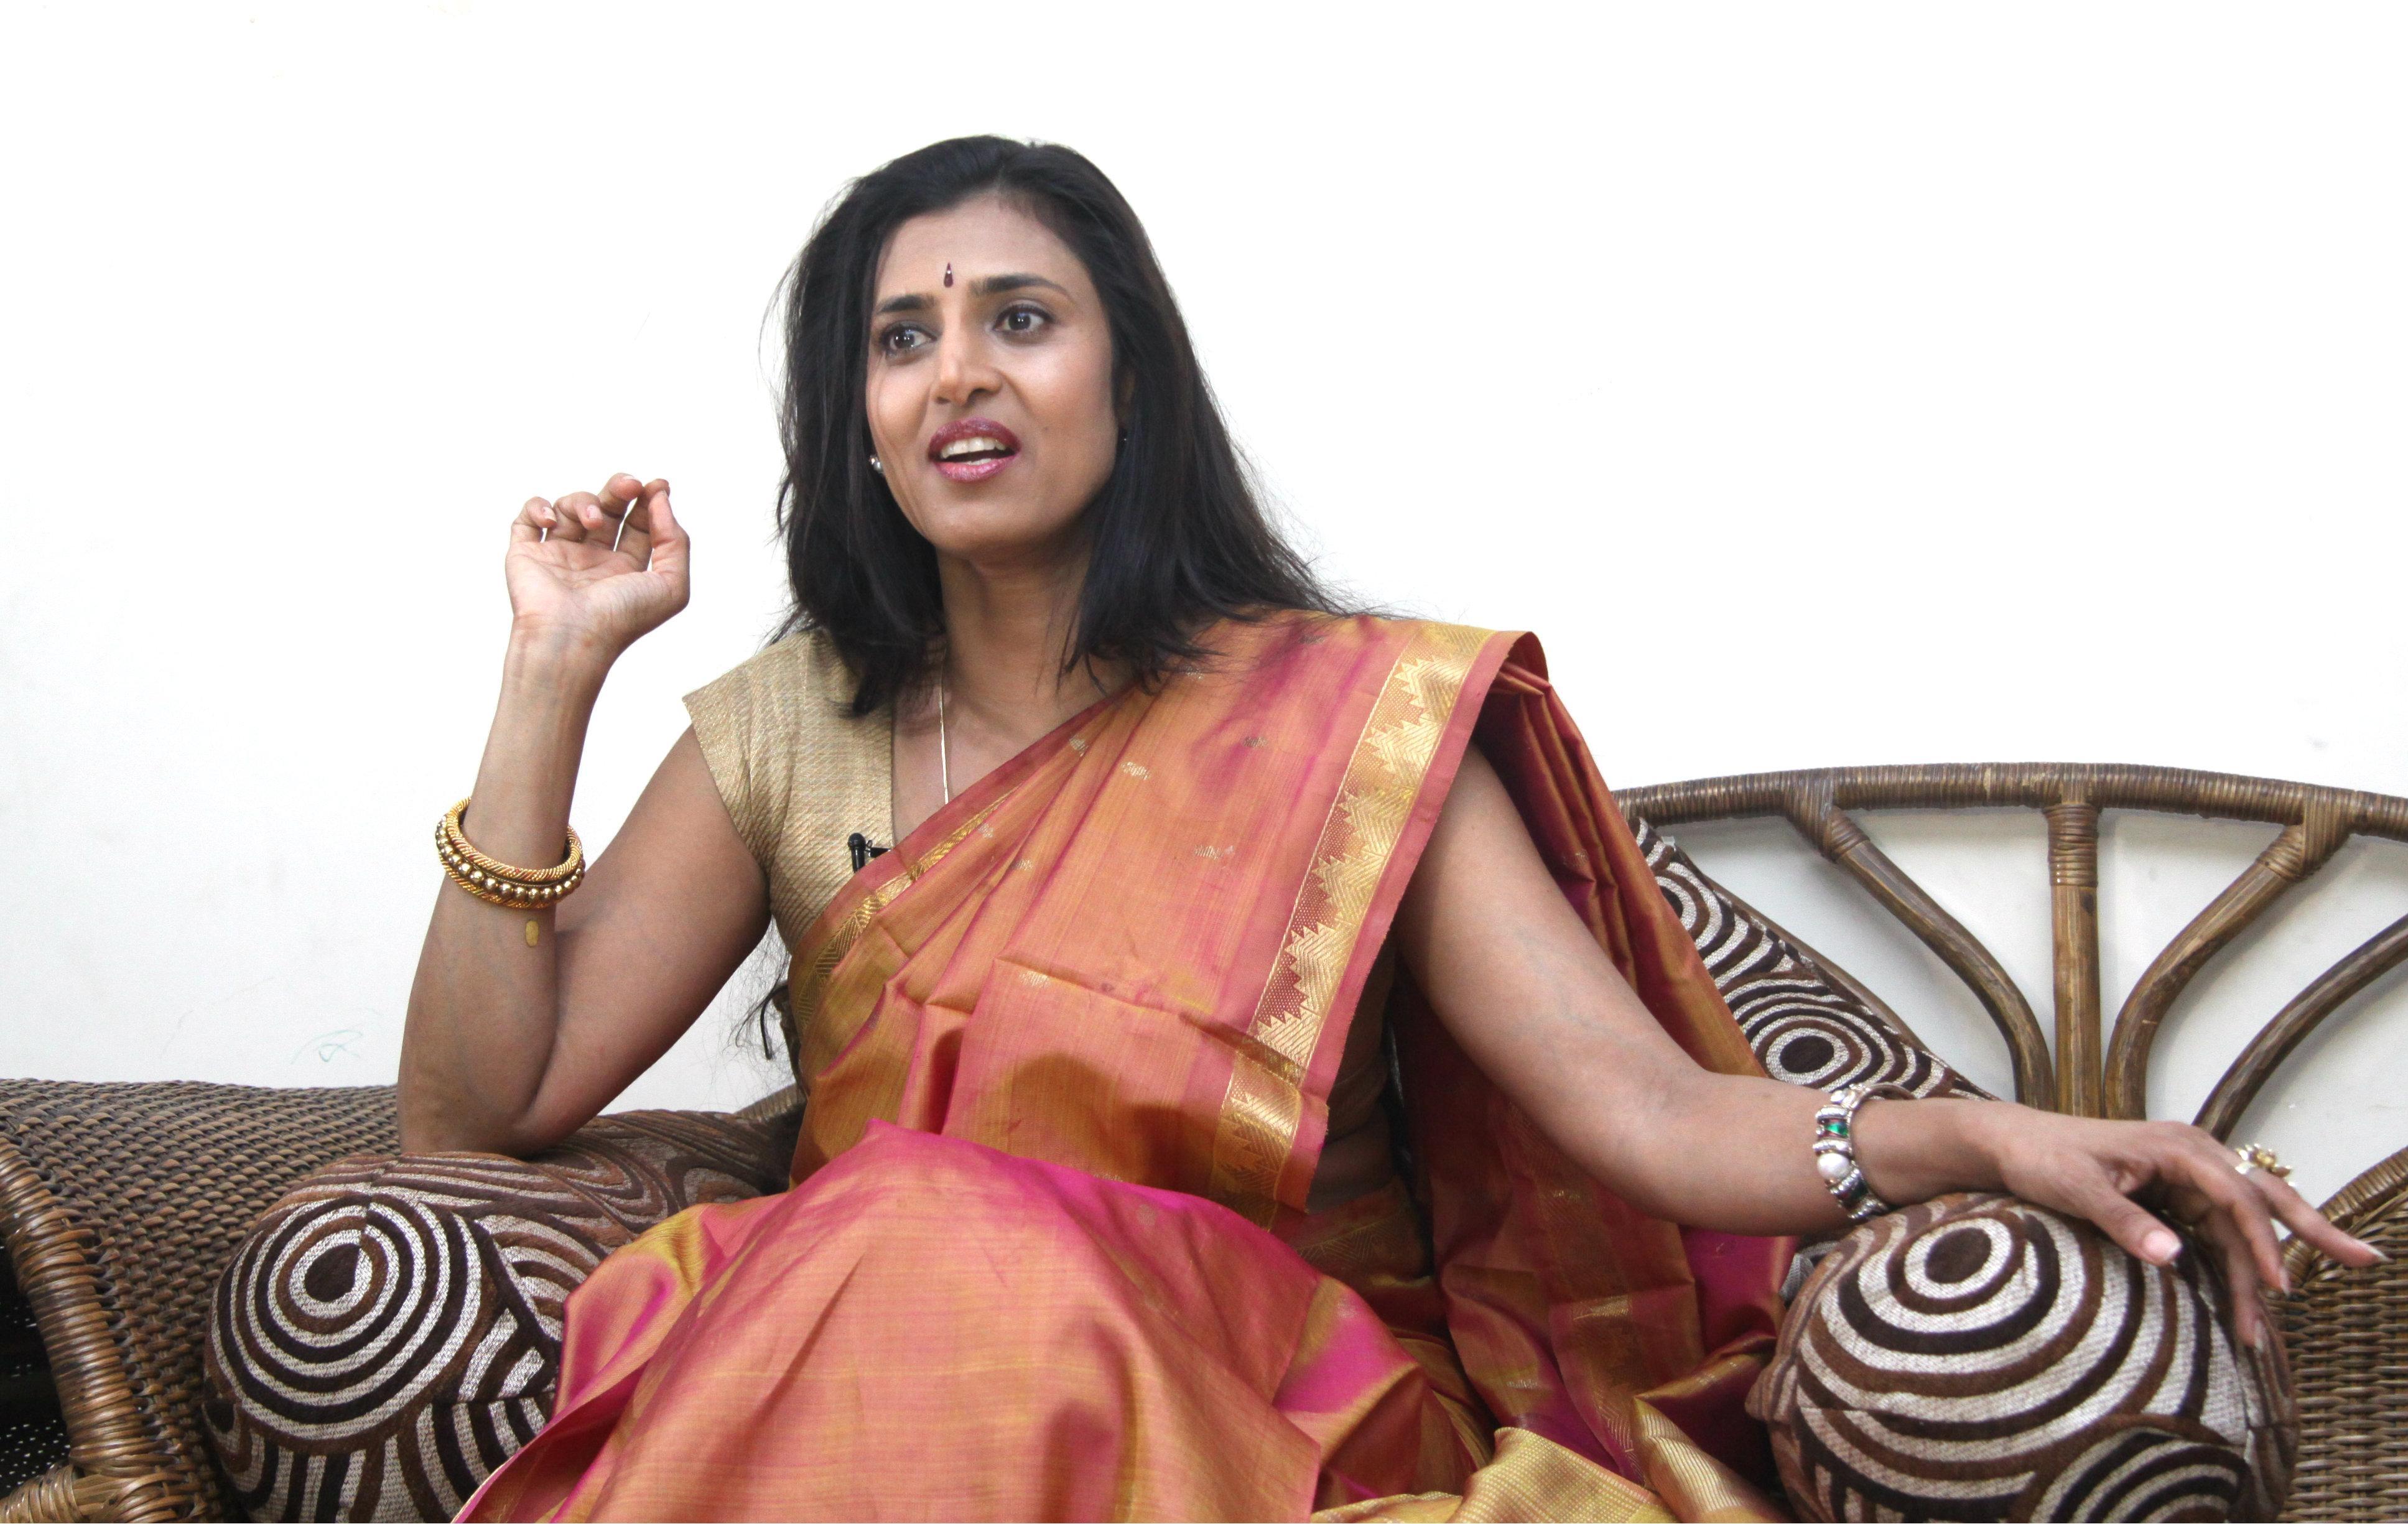 நடிகை கஸ்தூரி